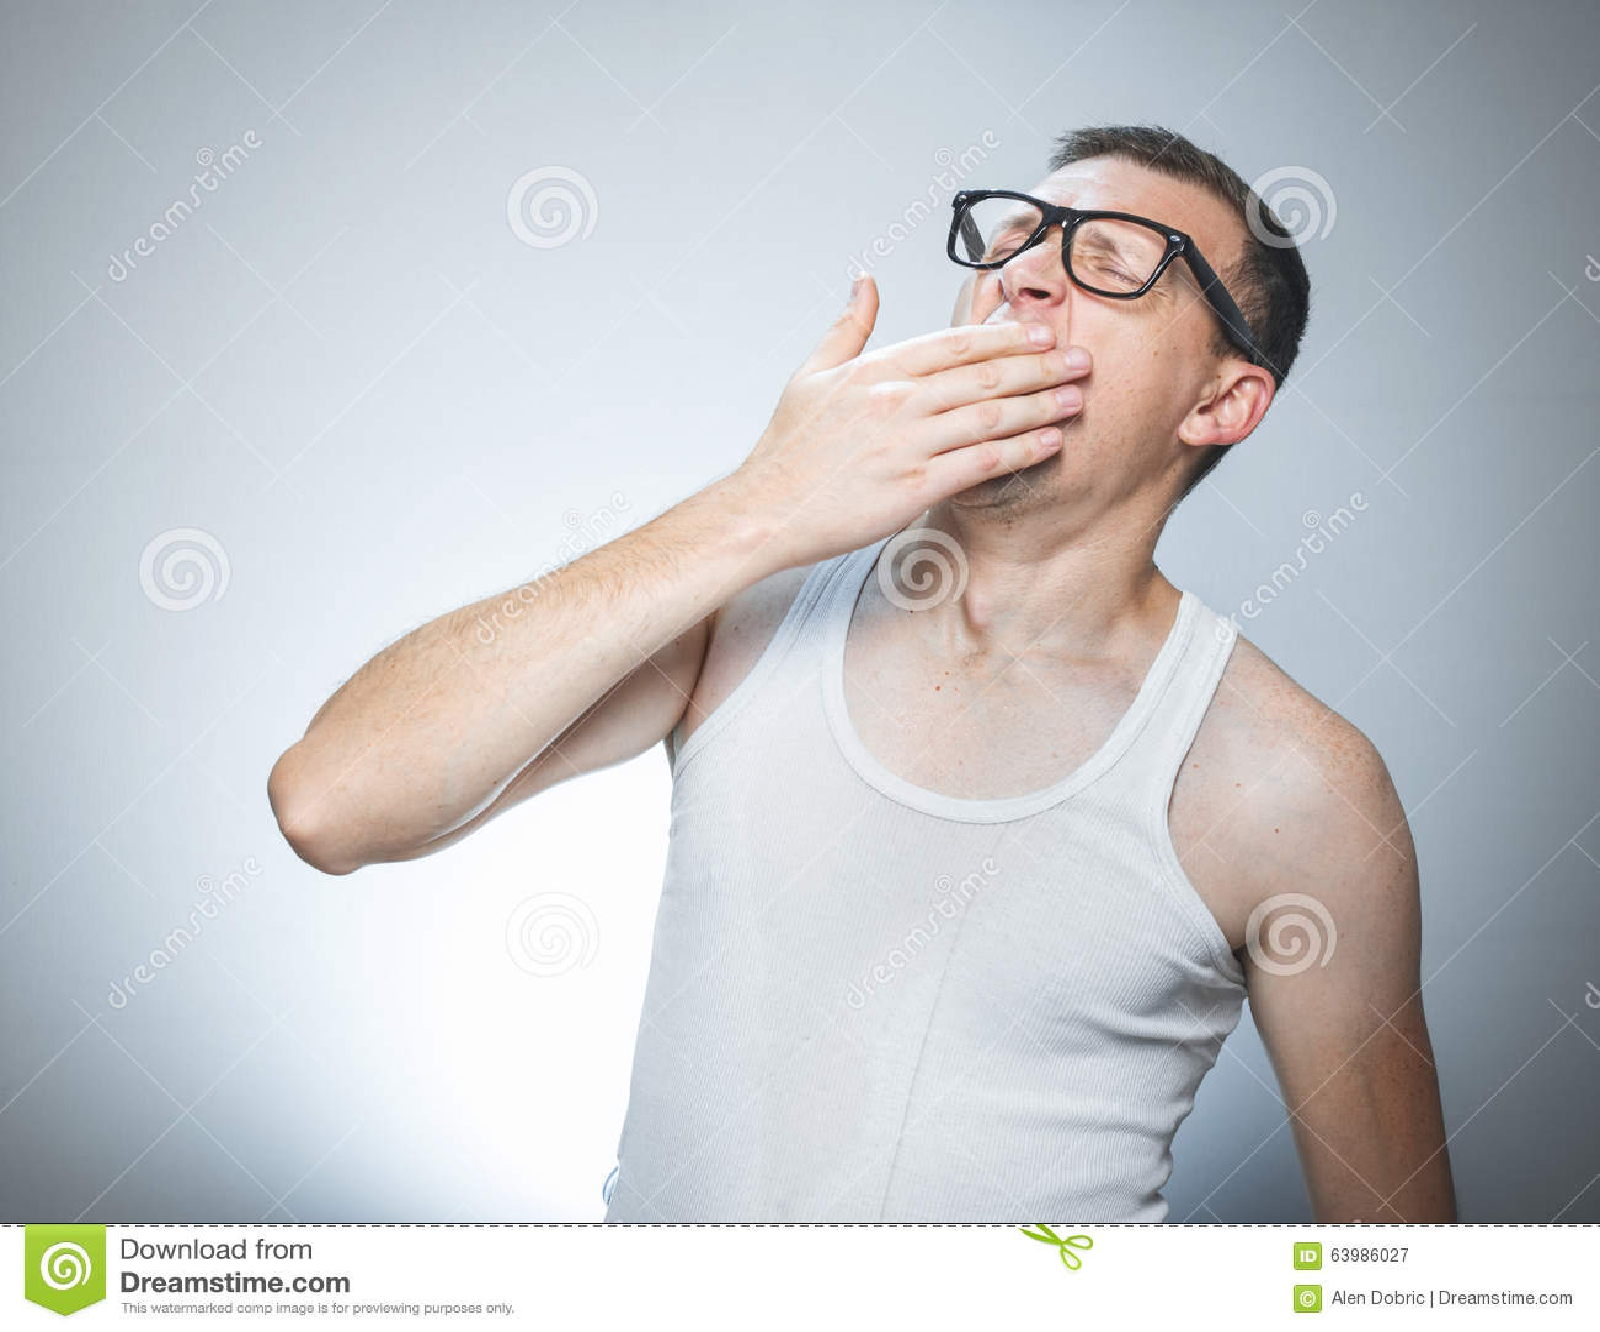 Почему человек зевает и что значит, когда зеваешь